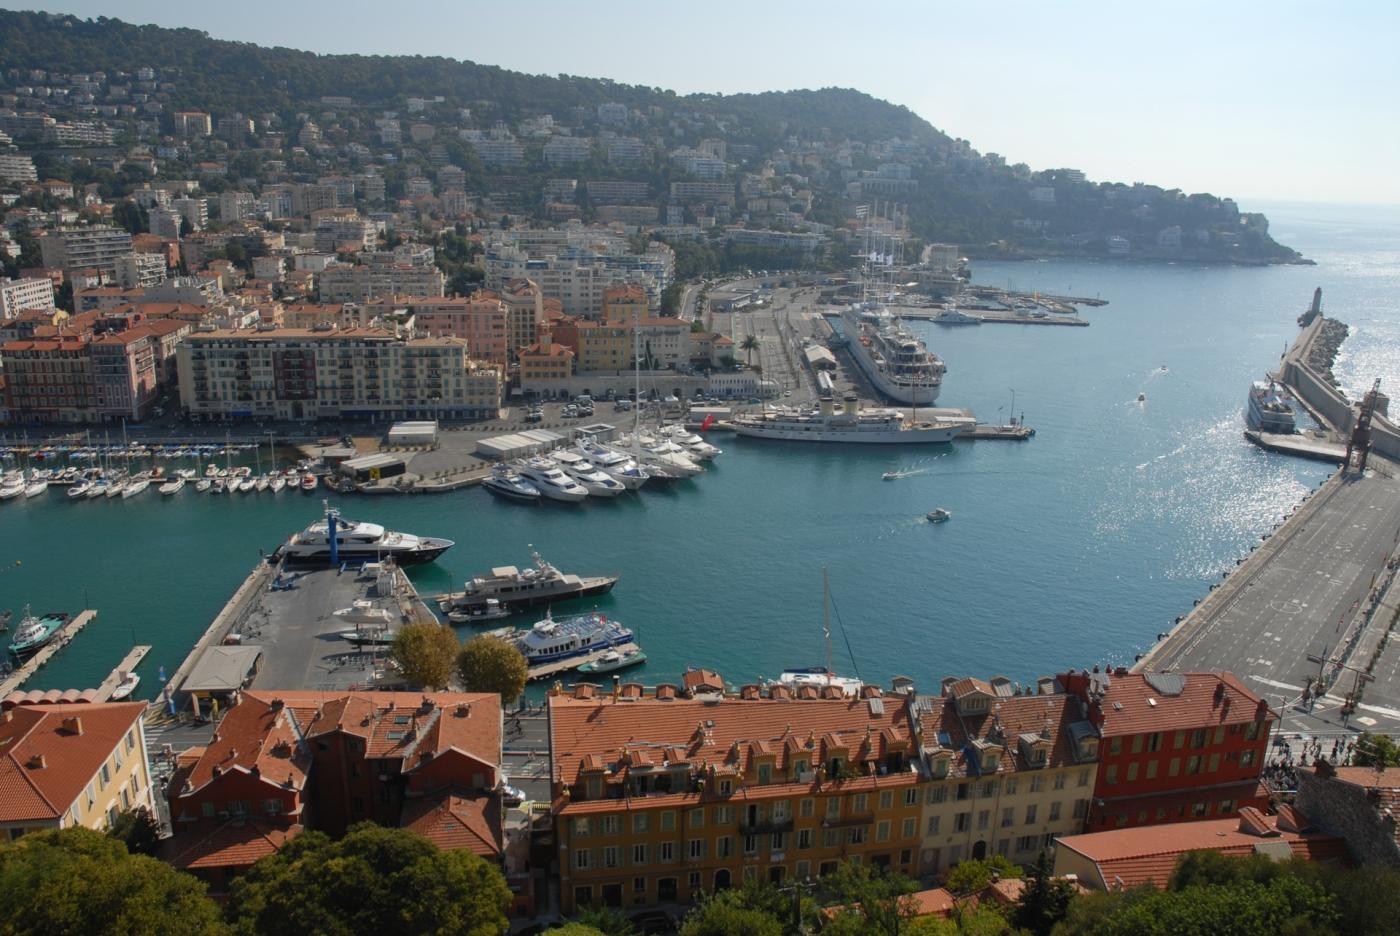 Vista de Niza desde la Colina del Castillo, Francia.